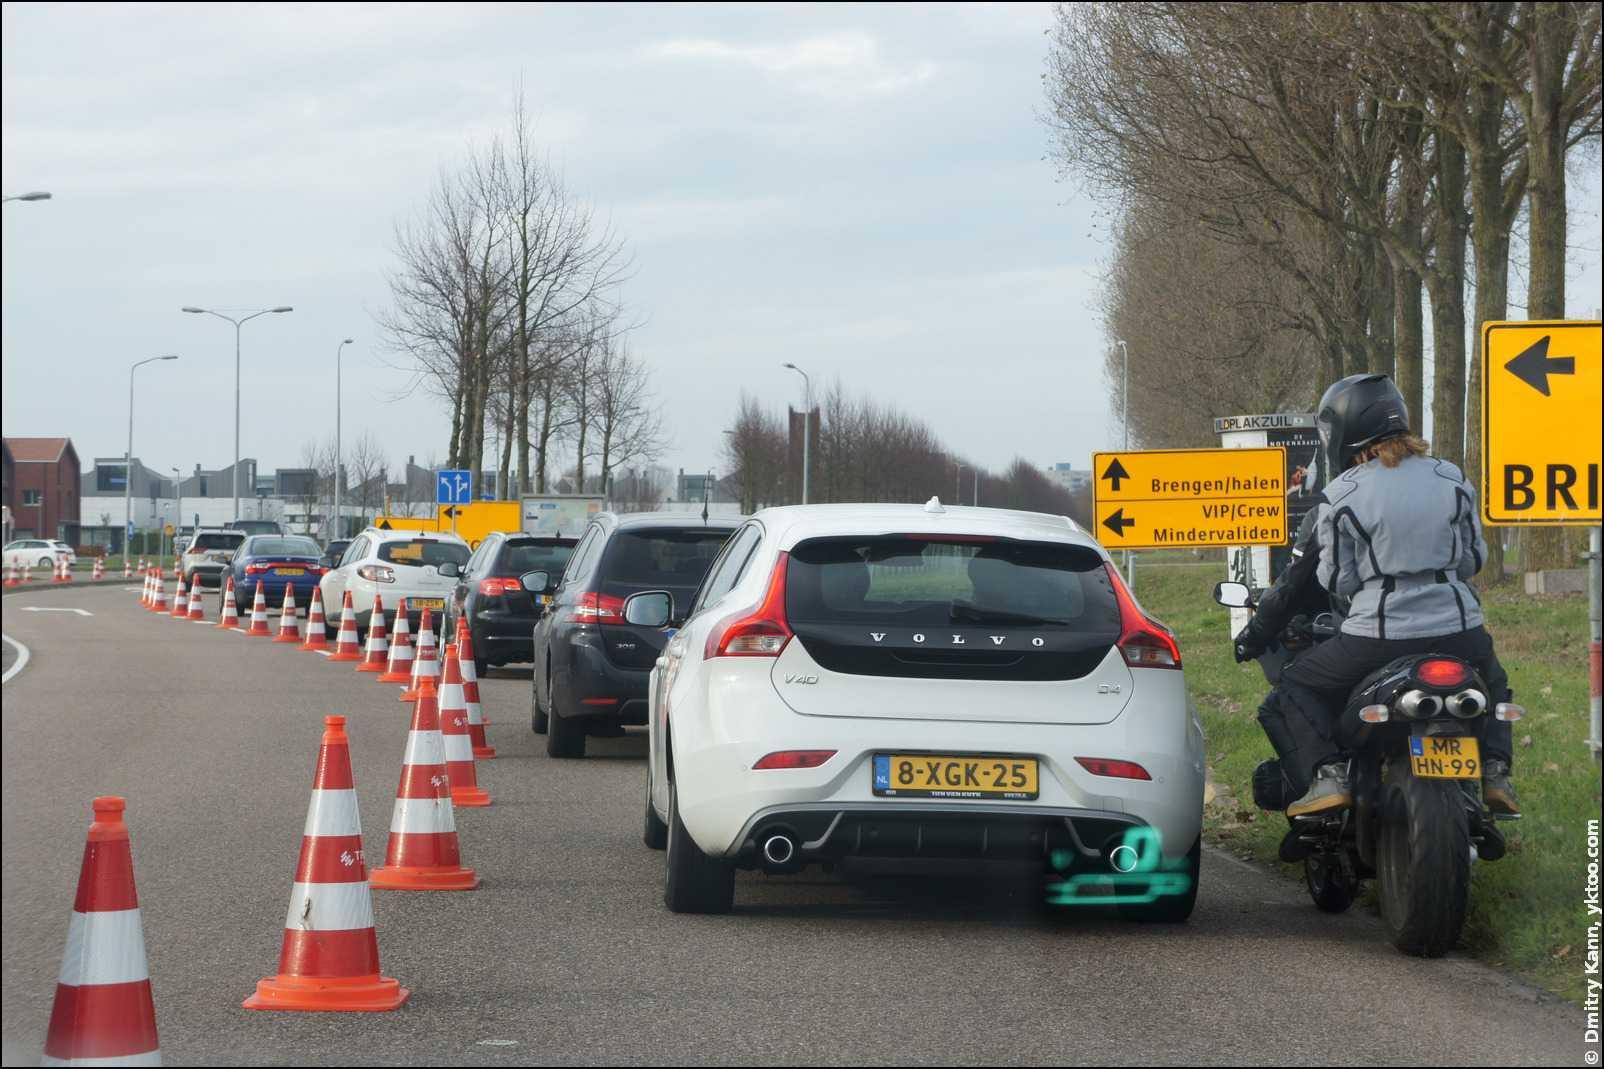 Пробки на подъезде к Expo Haarlemmermeer.